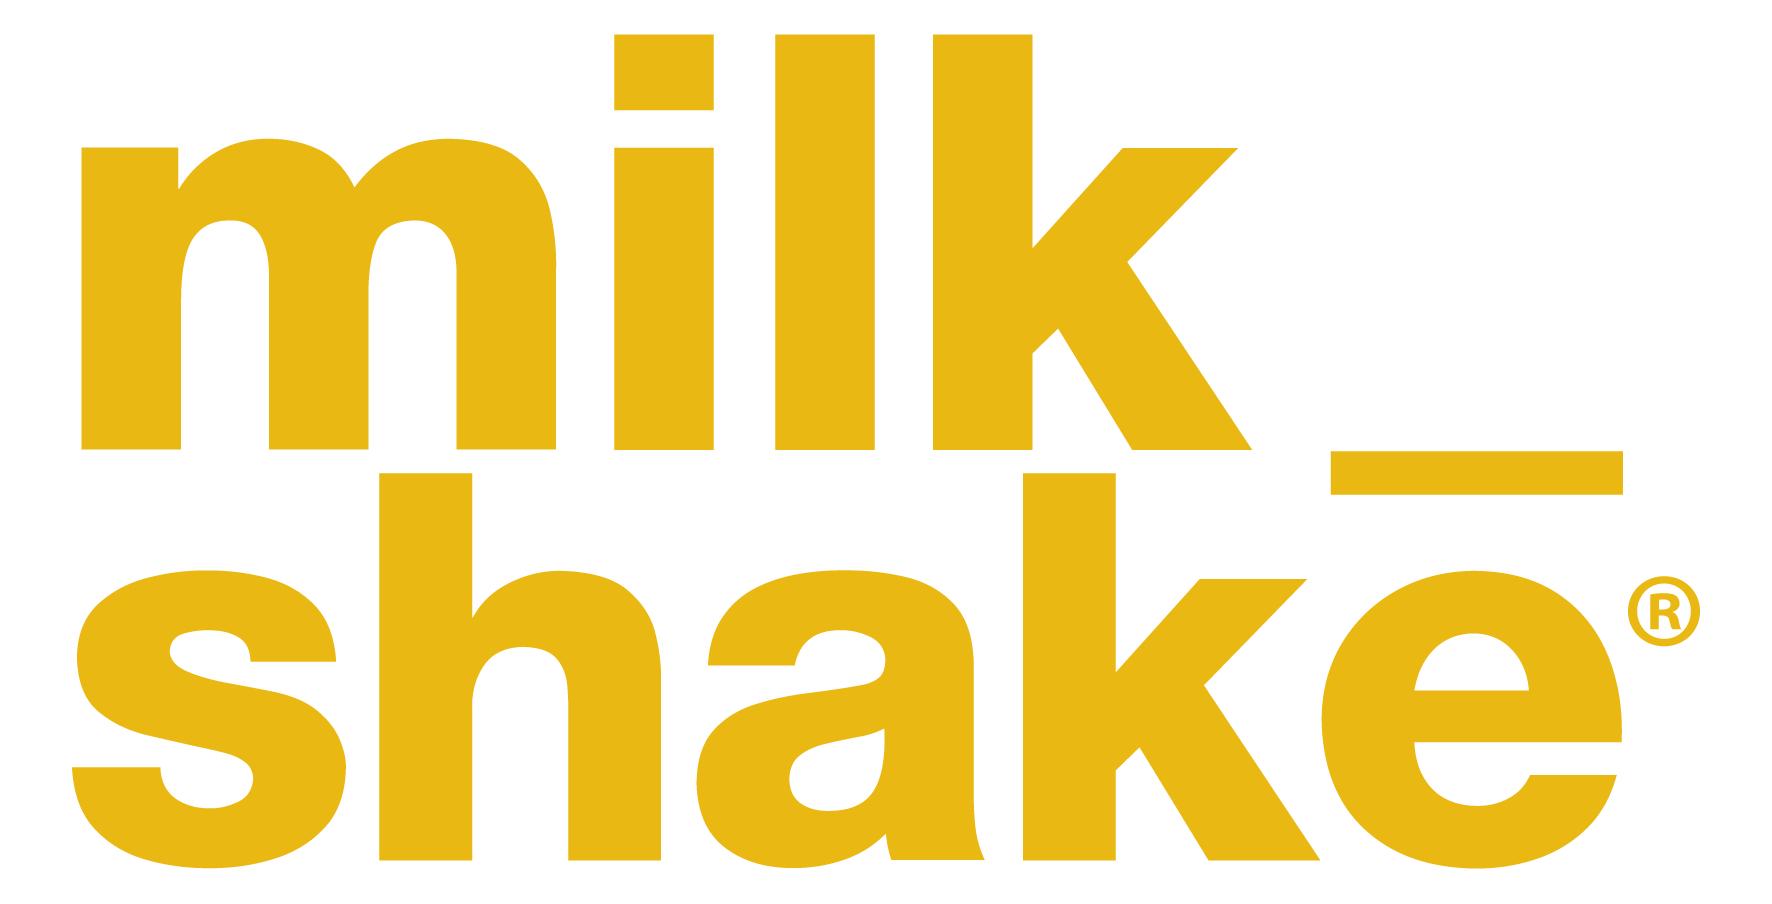 Milk Shake su Pianeta Capelli, brand specializzato nella cura dei capelli con prodotti di facile utilizzo, naturali ed efficaci grazie alle ultime scoperte tecnologiche disponibili